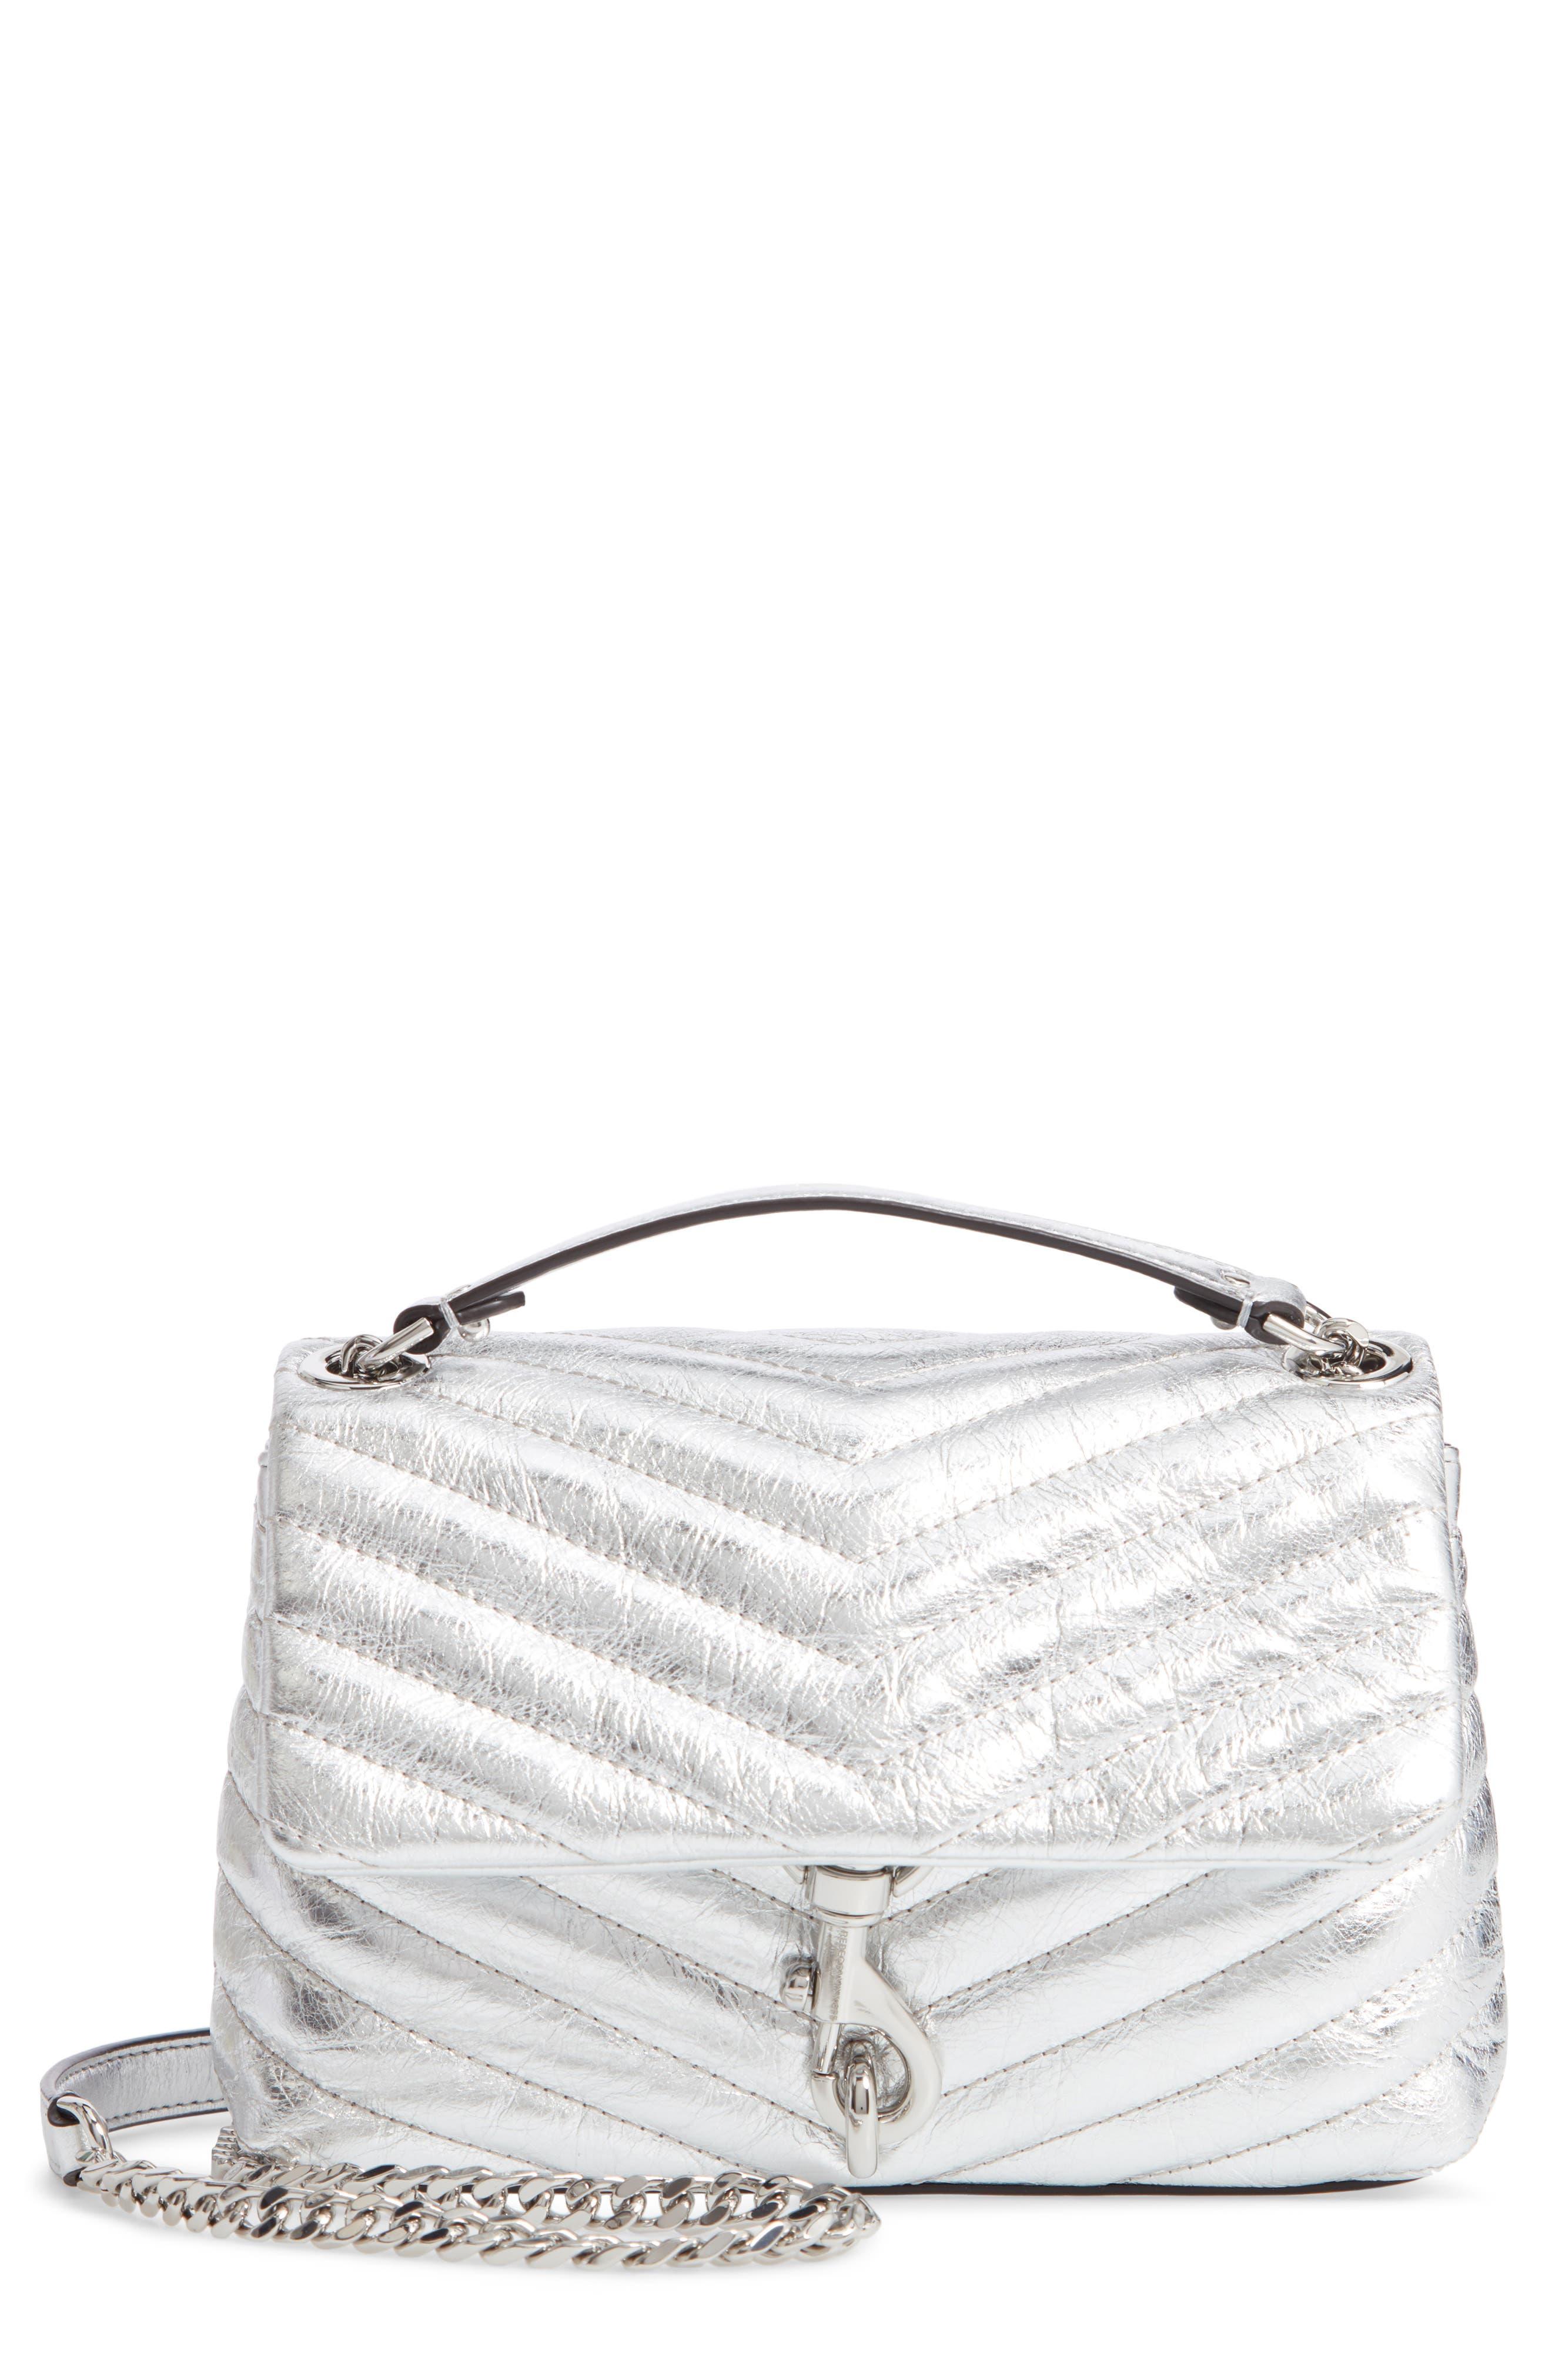 Edie Metallic Leather Shoulder Bag - Metallic in Silver